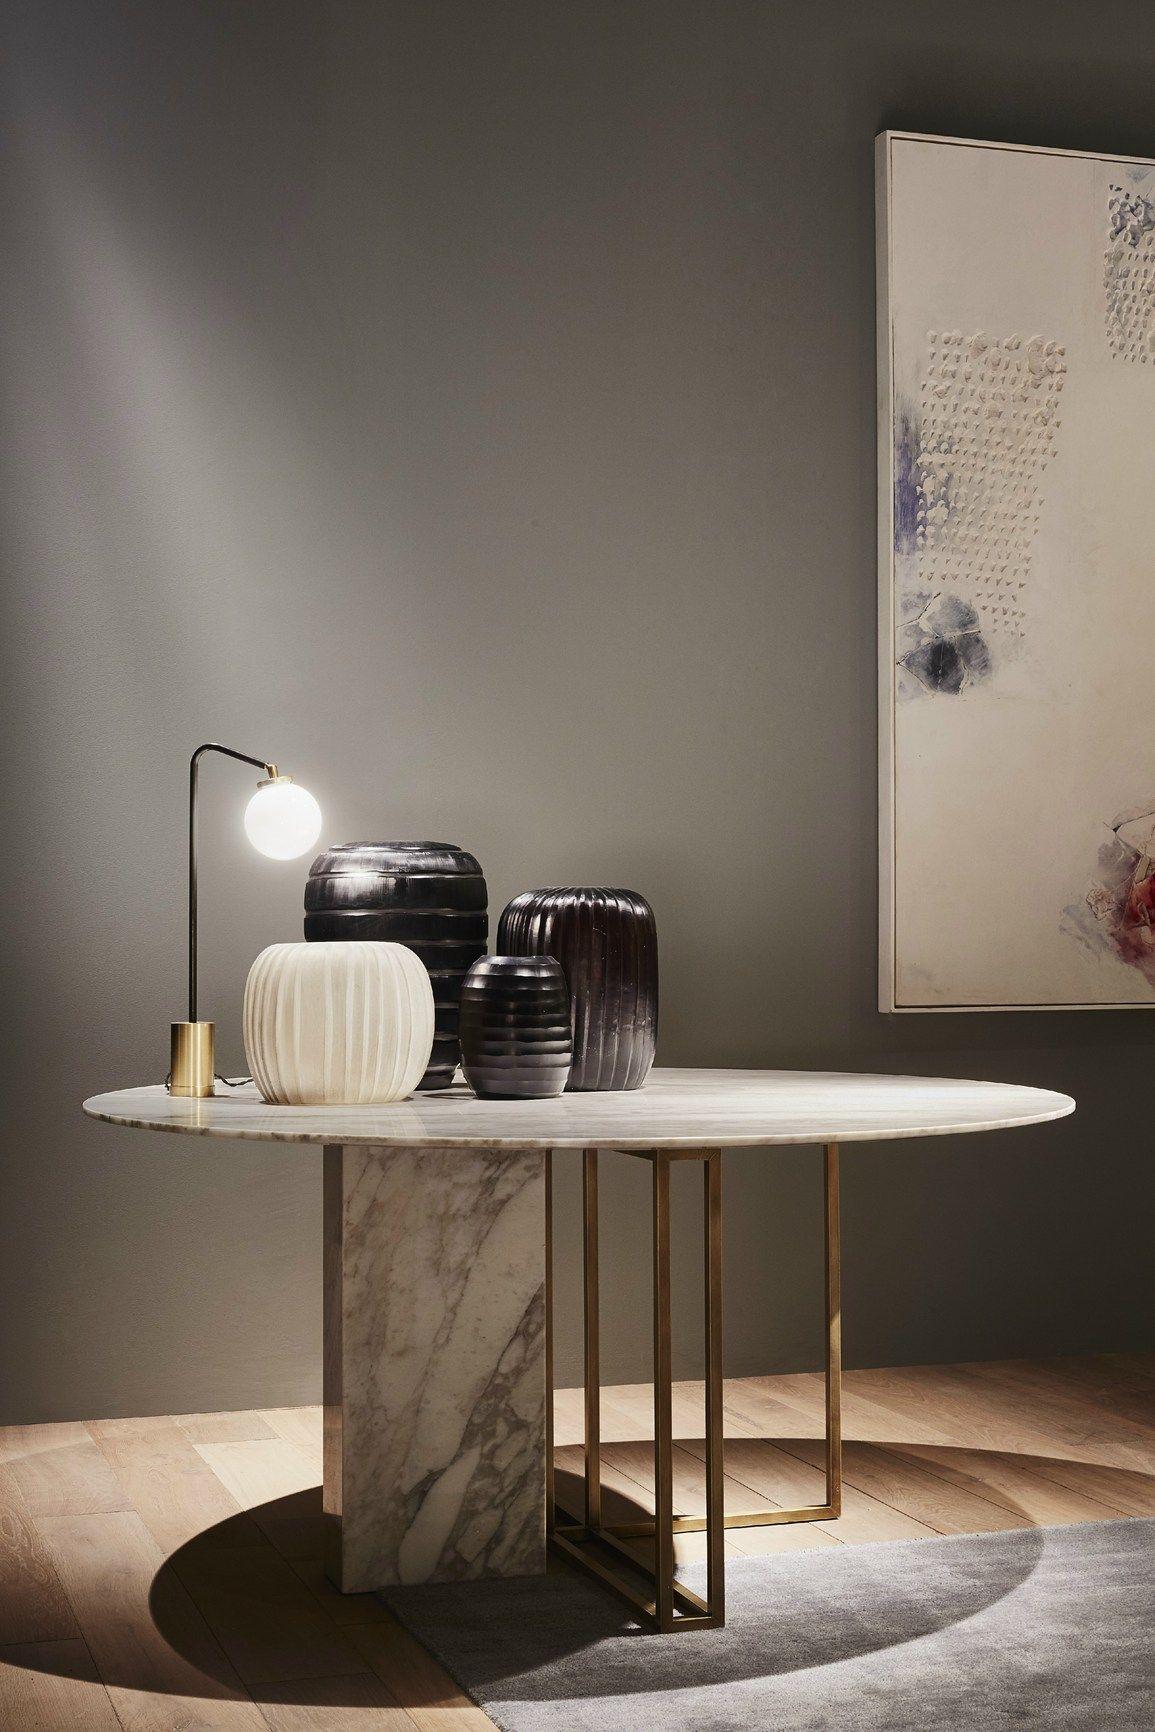 Tavolo Moderno E Sedie Antiche.Meridiani Presenta Le Collezioni 2015 Tonalita Soft Impreziosite